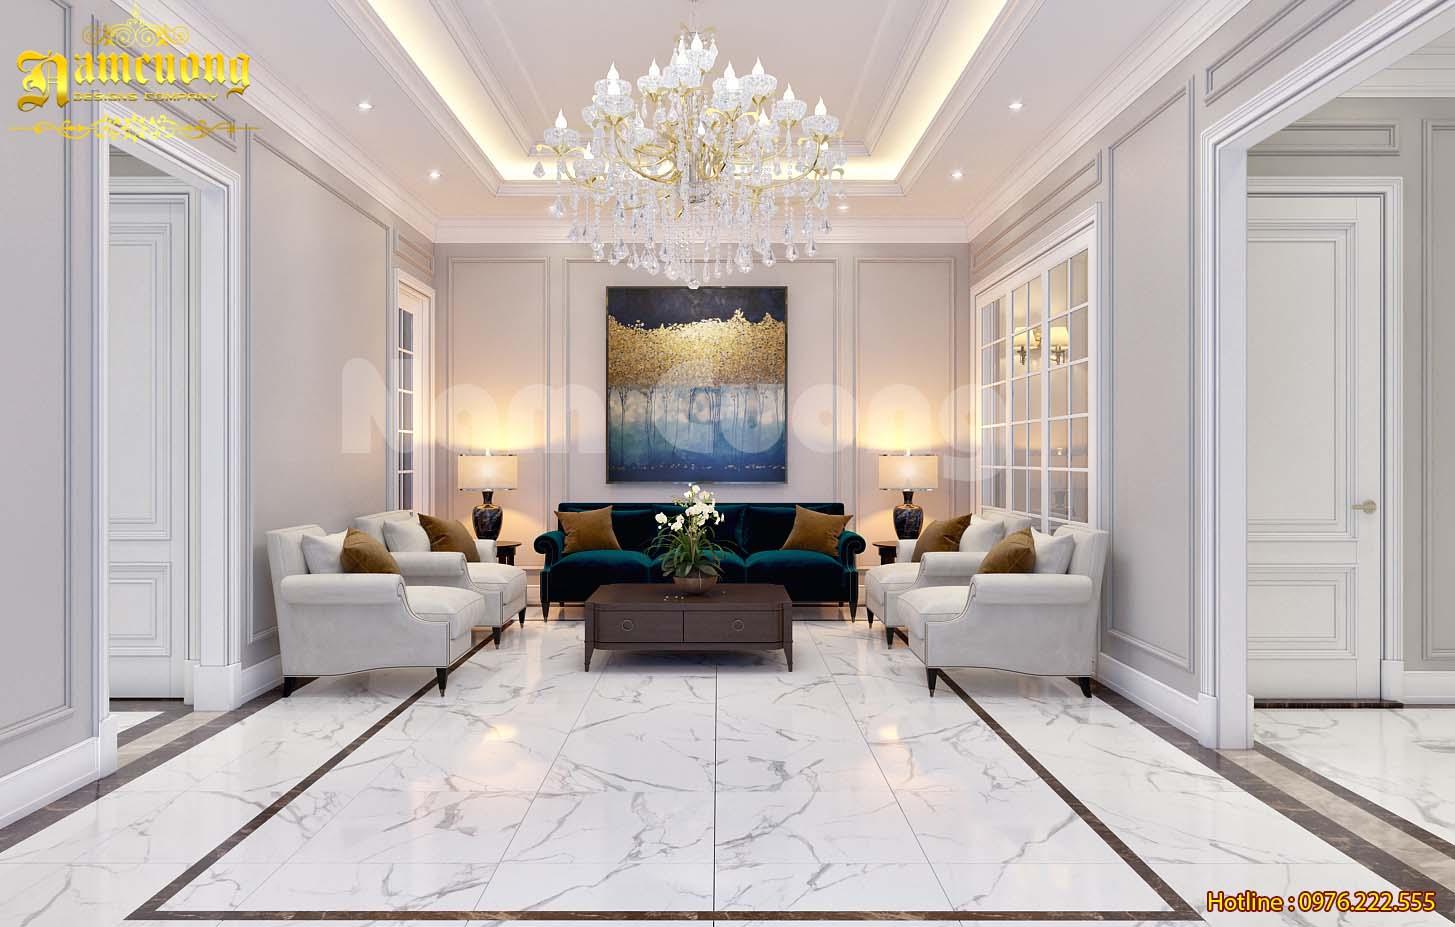 Vẻ đẹp hoàn mỹ trong mẫu nội thất biệt thự tân cổ điển tại Hải Dương